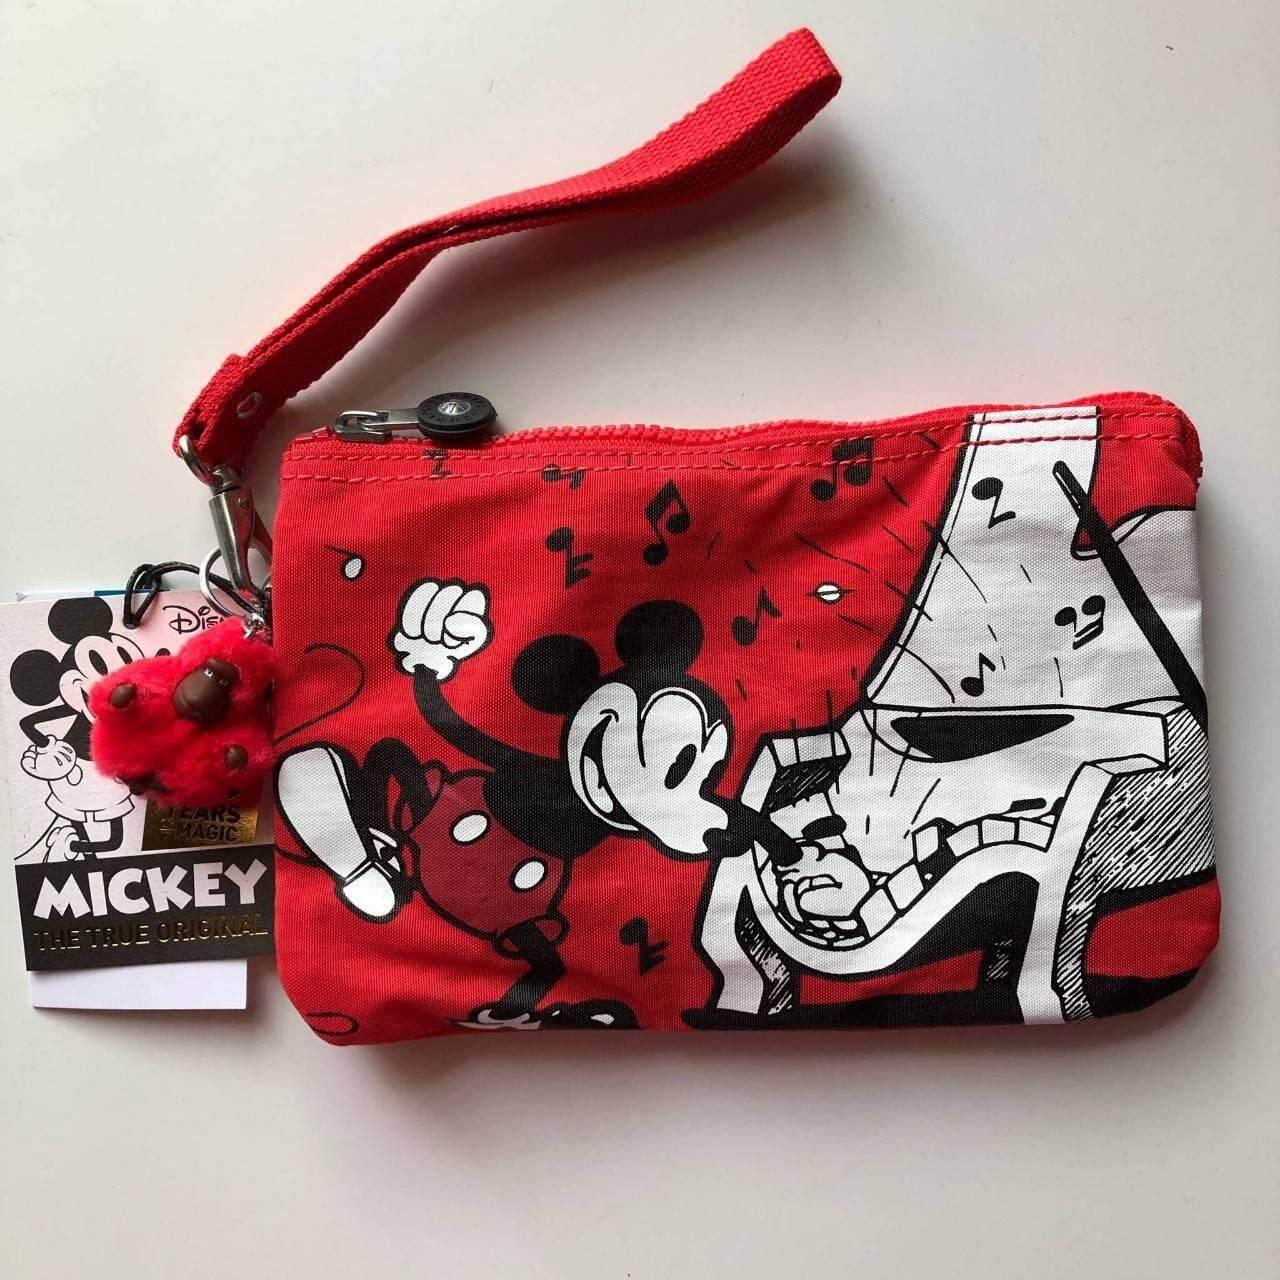 กระเป๋าคล้องมือขนาดพอดีมือ  Kipling Disneys 90 Years Of Mickey Mouse Extra Large Pouch กระเป๋าสามช่องสารพัดประโยชน์ (แท้100%).